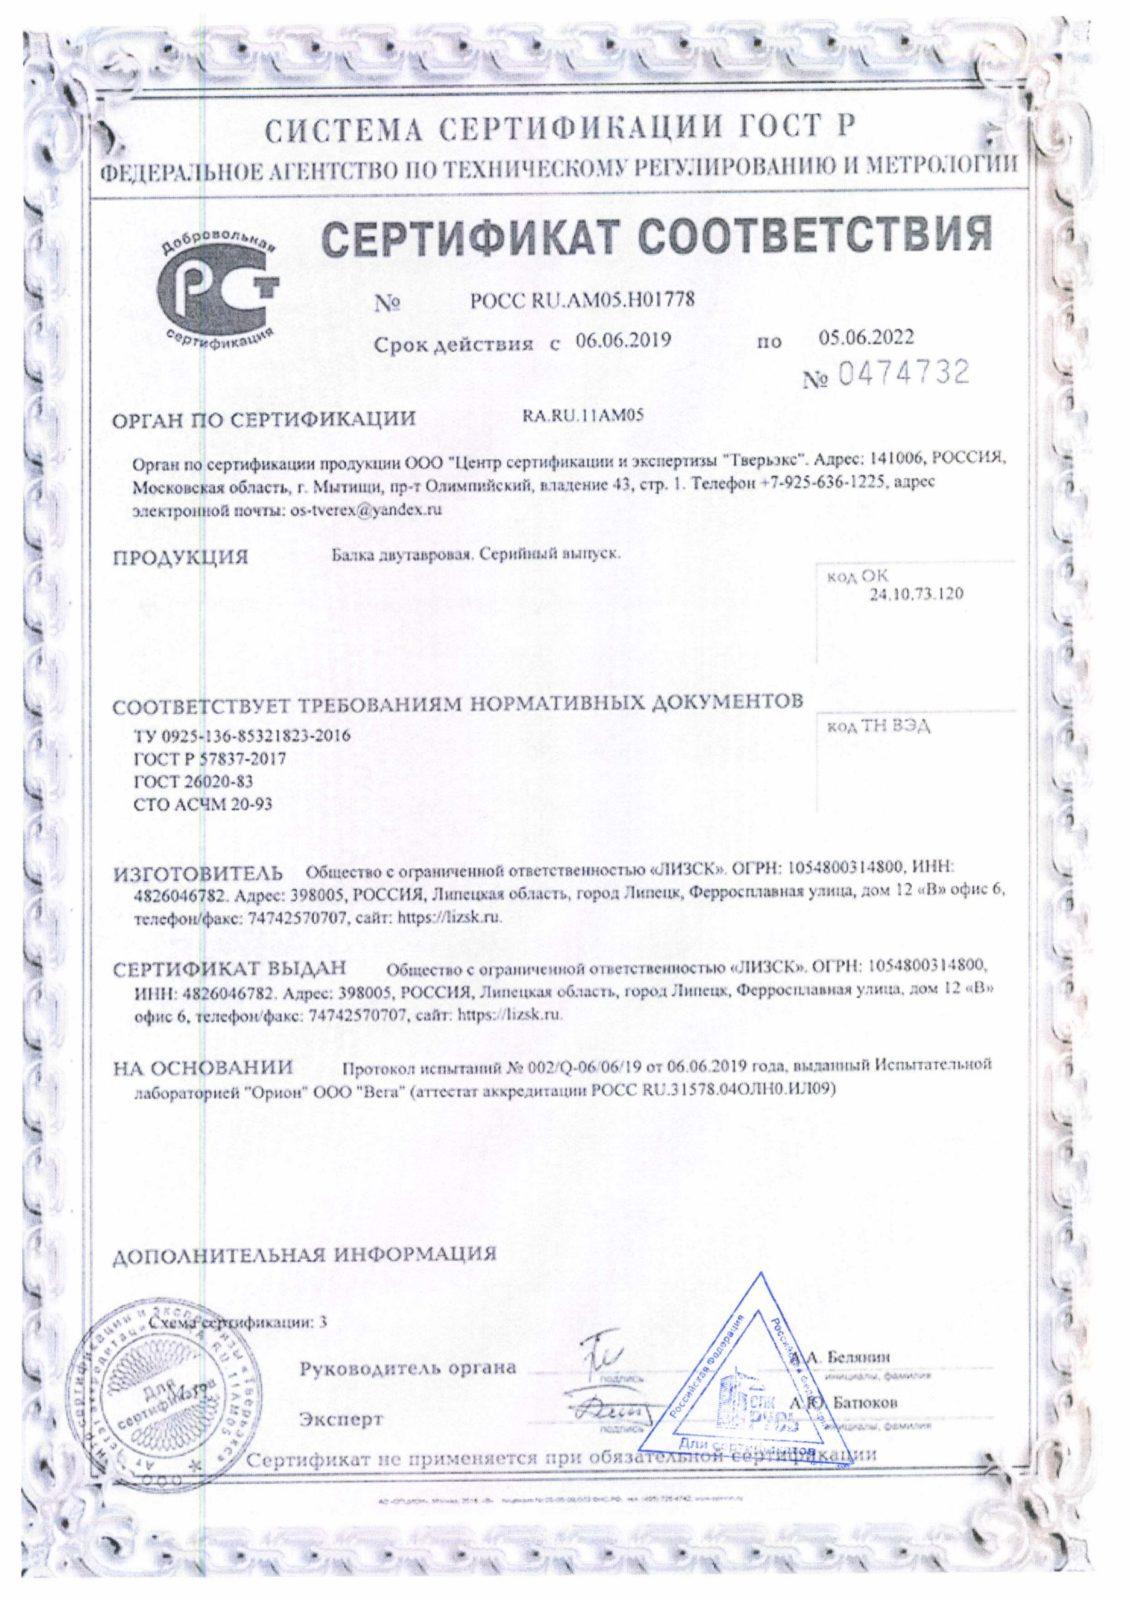 сертификат соответствия на балку двутаврувую